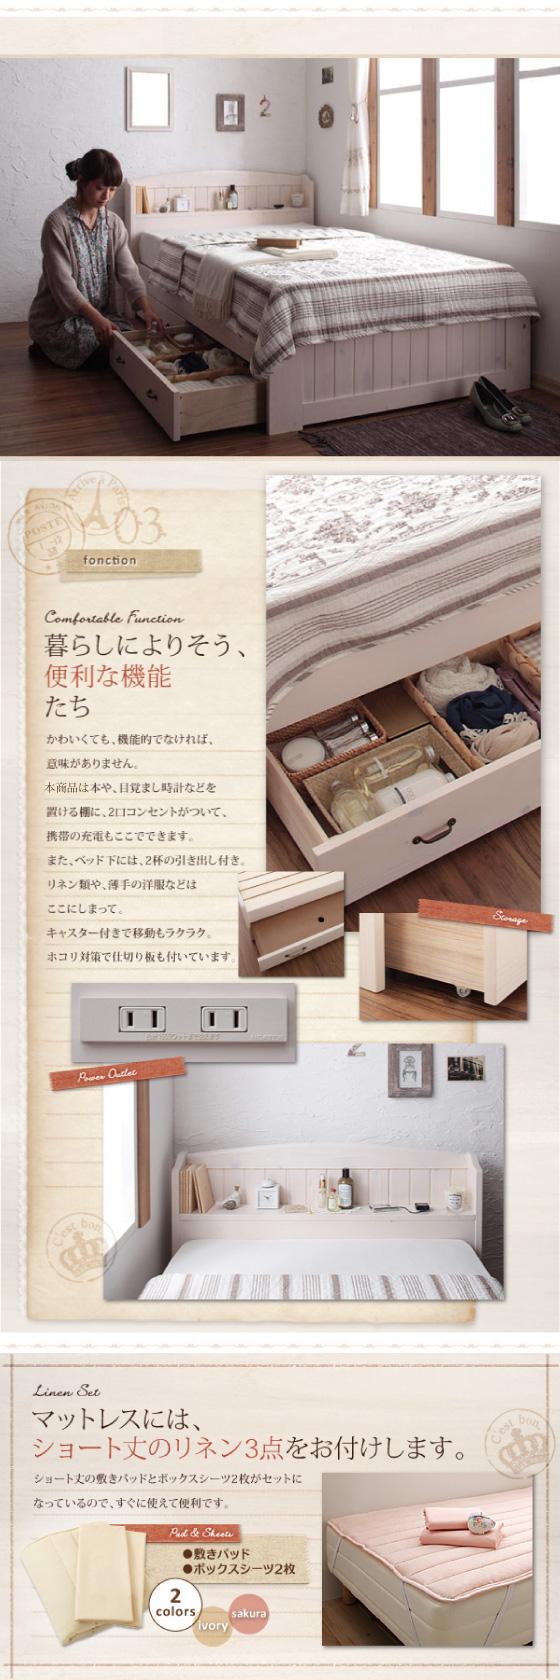 ガーリーデザイン・収納&棚&コンセント付きベッド(セミシングル)